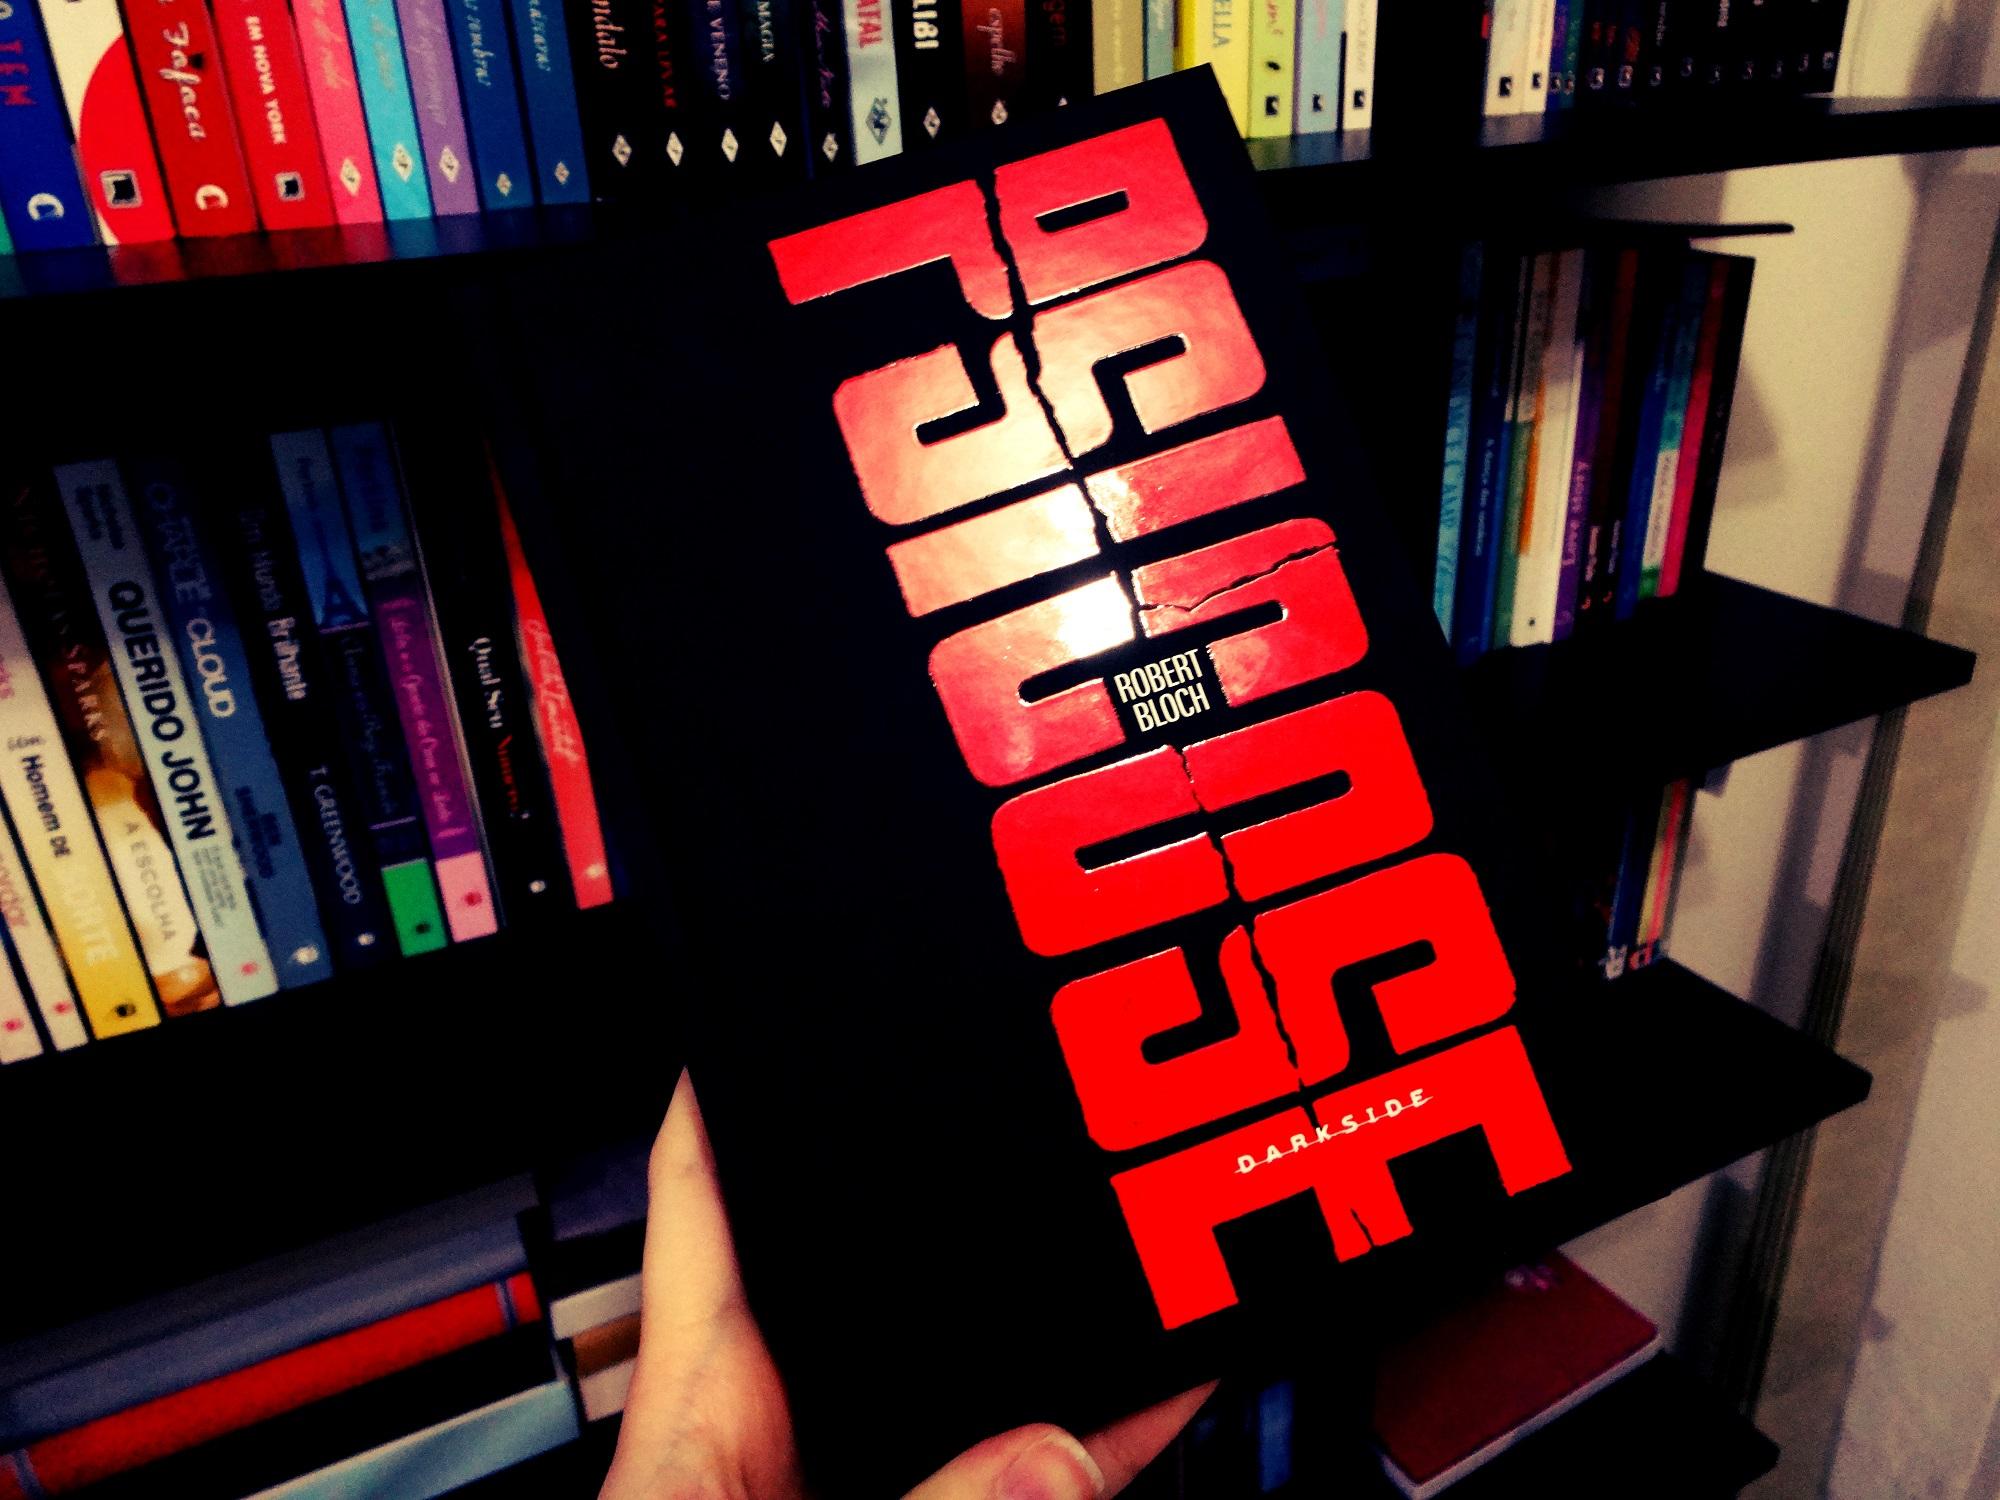 Capa do livro Psicose, lançamento da DarkSide Books. Créditos da imagem: book-addict.com